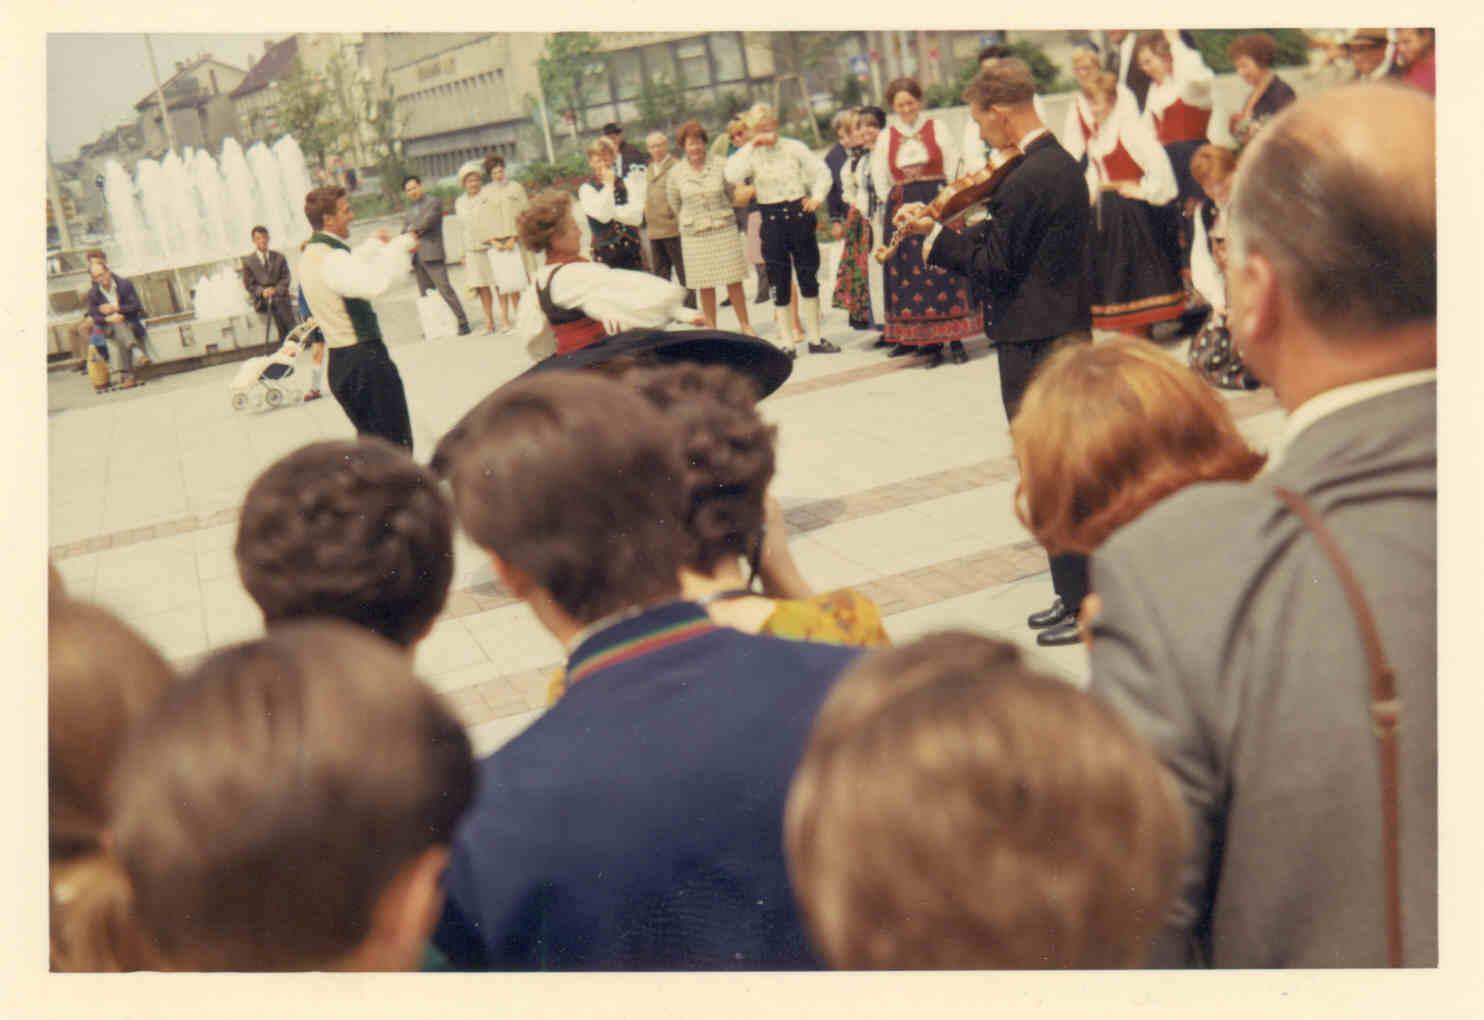 IMG_0008_Leikarringen_Noreg_Tyskland_1968.jpg